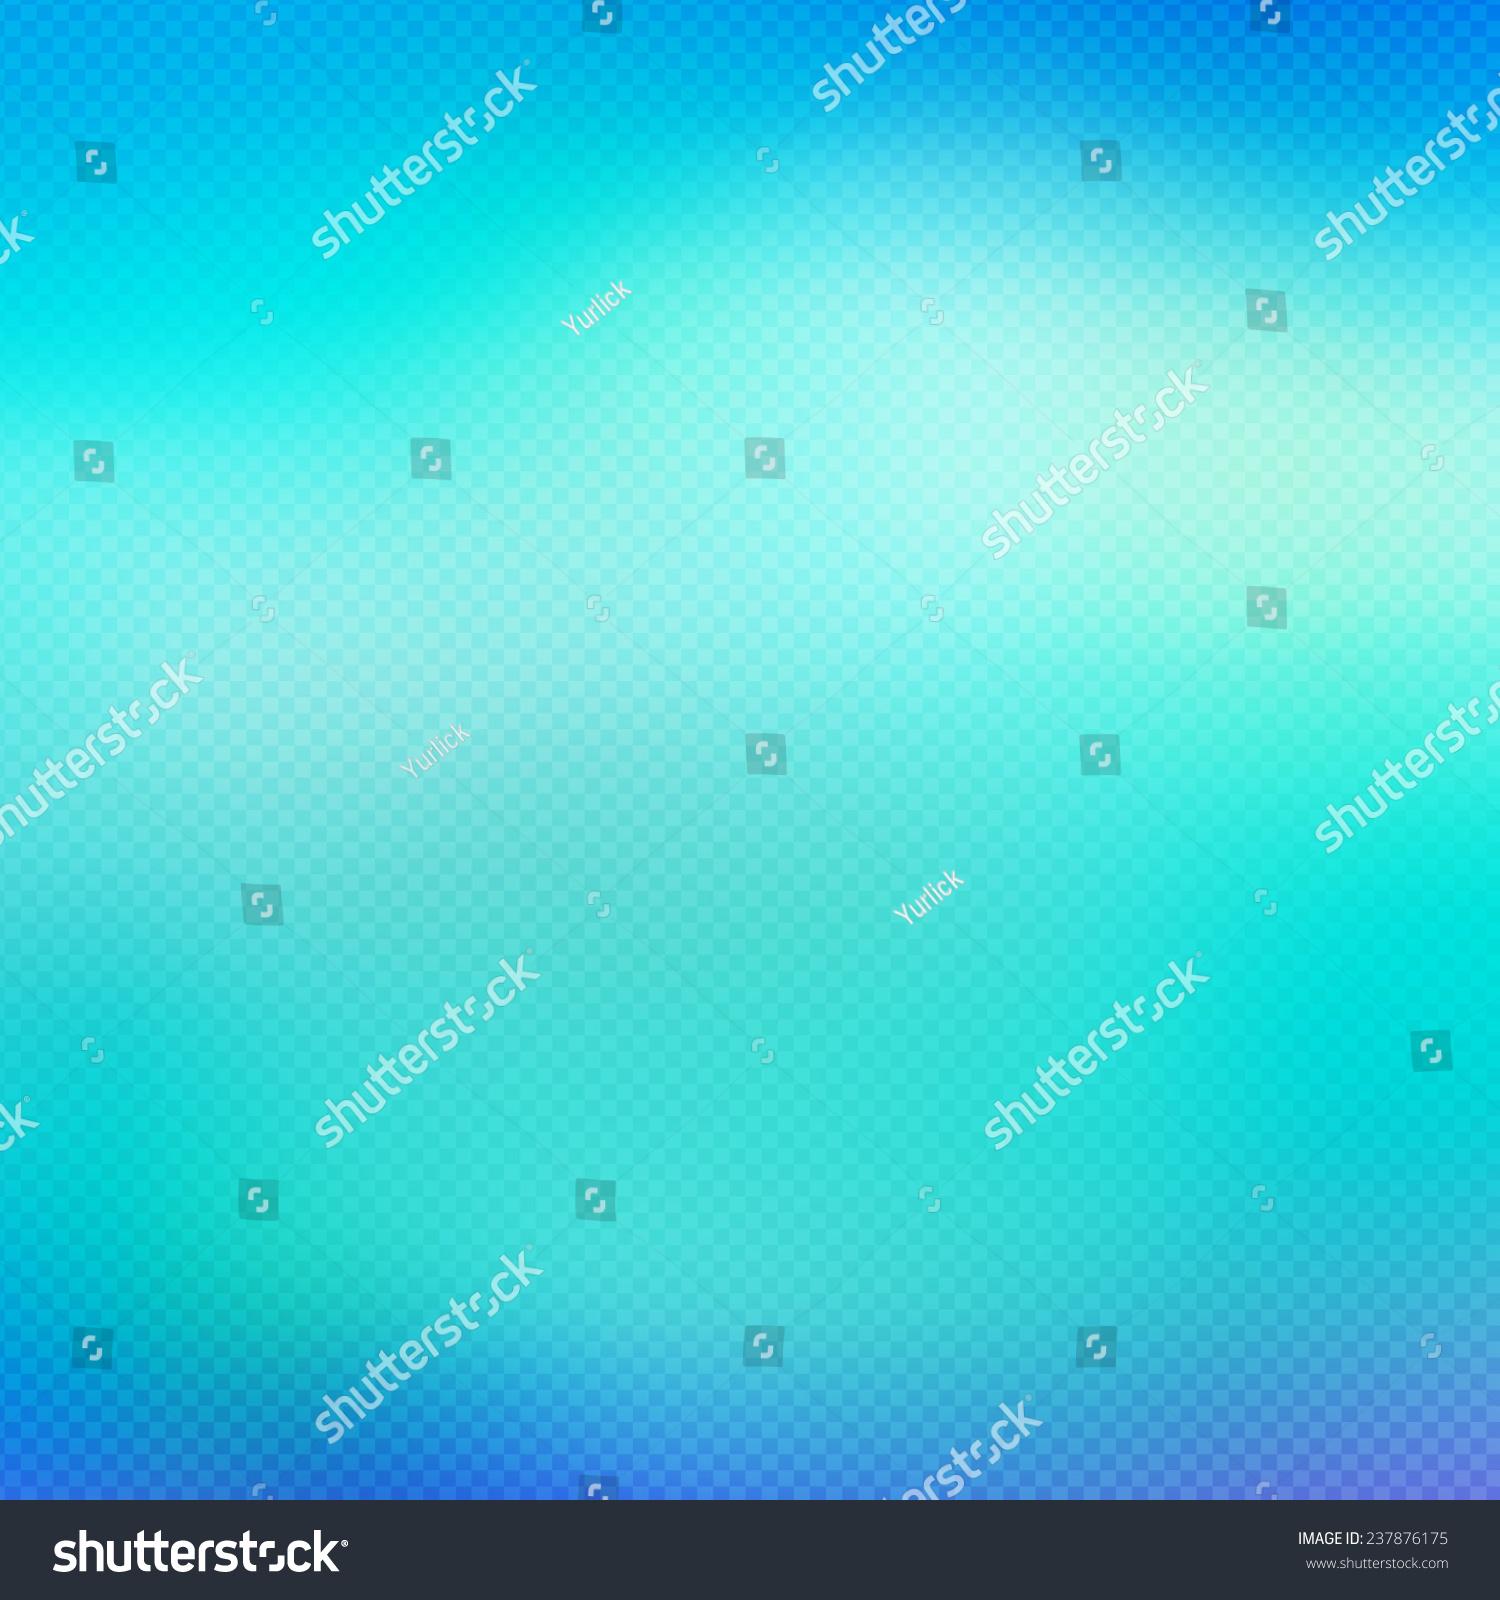 Blur texture overlay photo